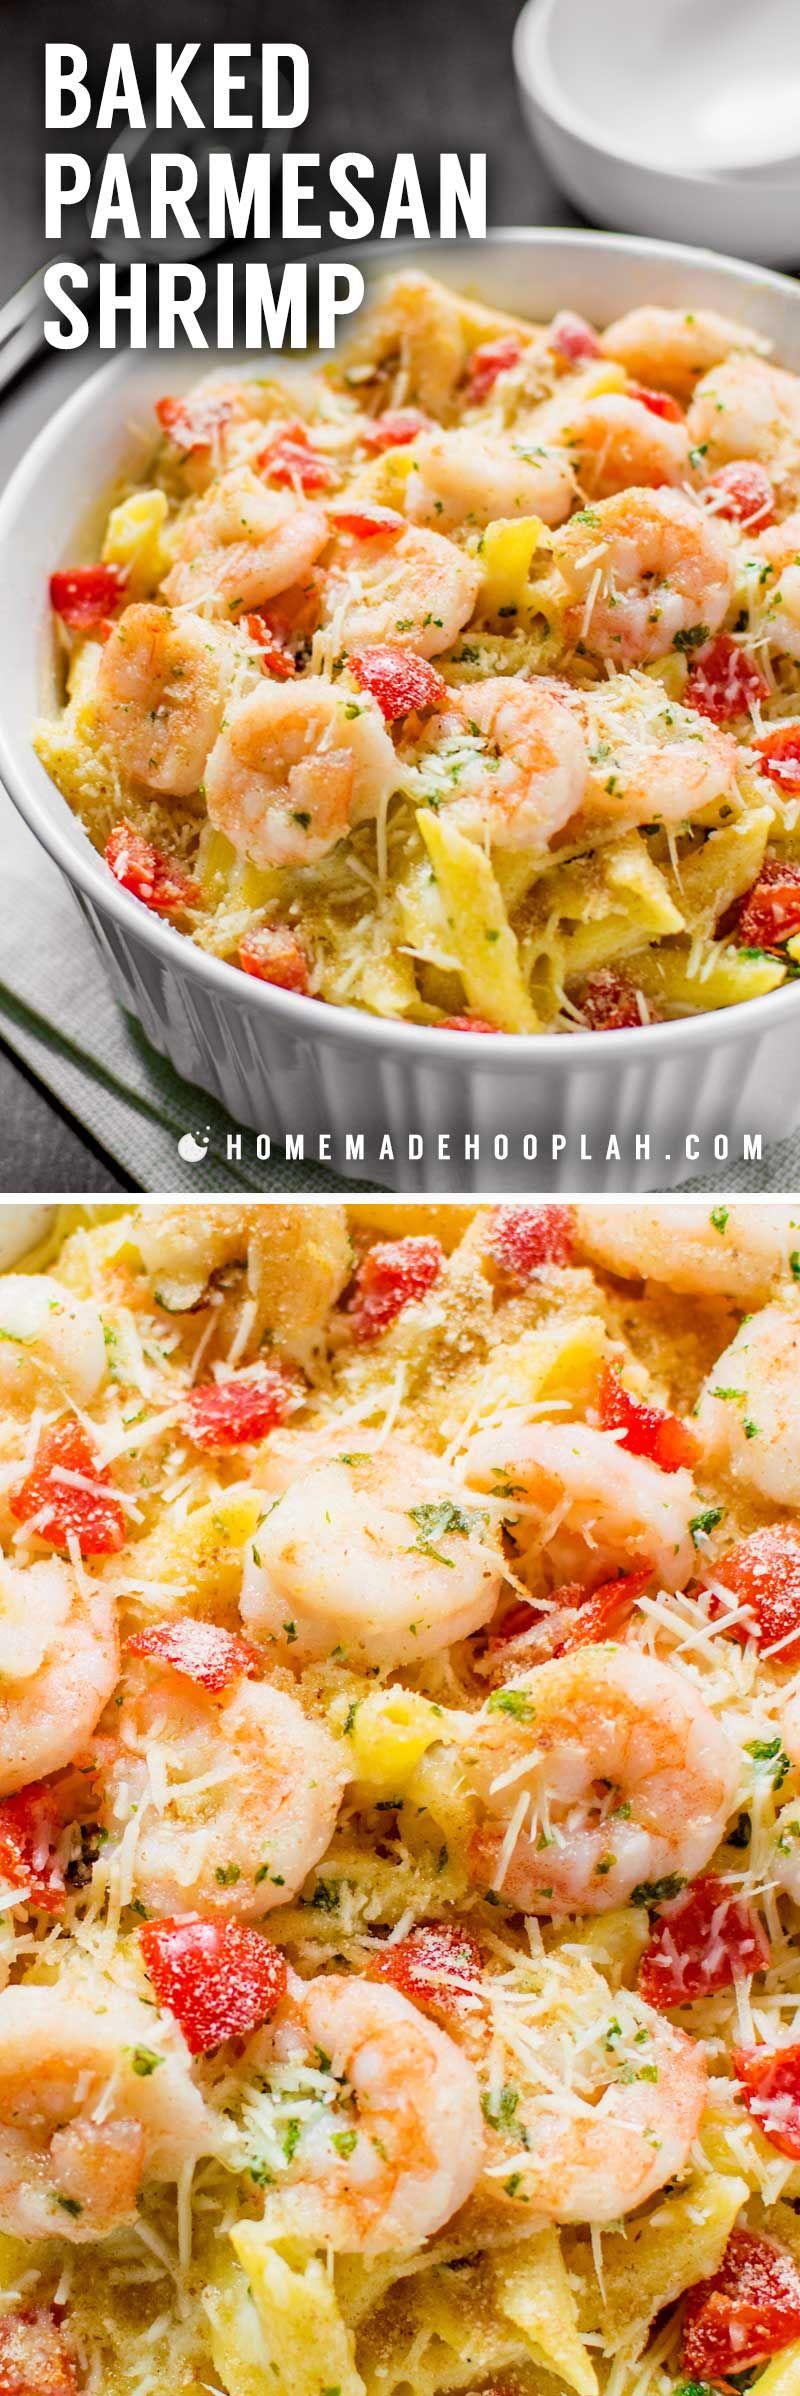 Baked Parmesan Shrimp! Bring the iconic taste of Olive